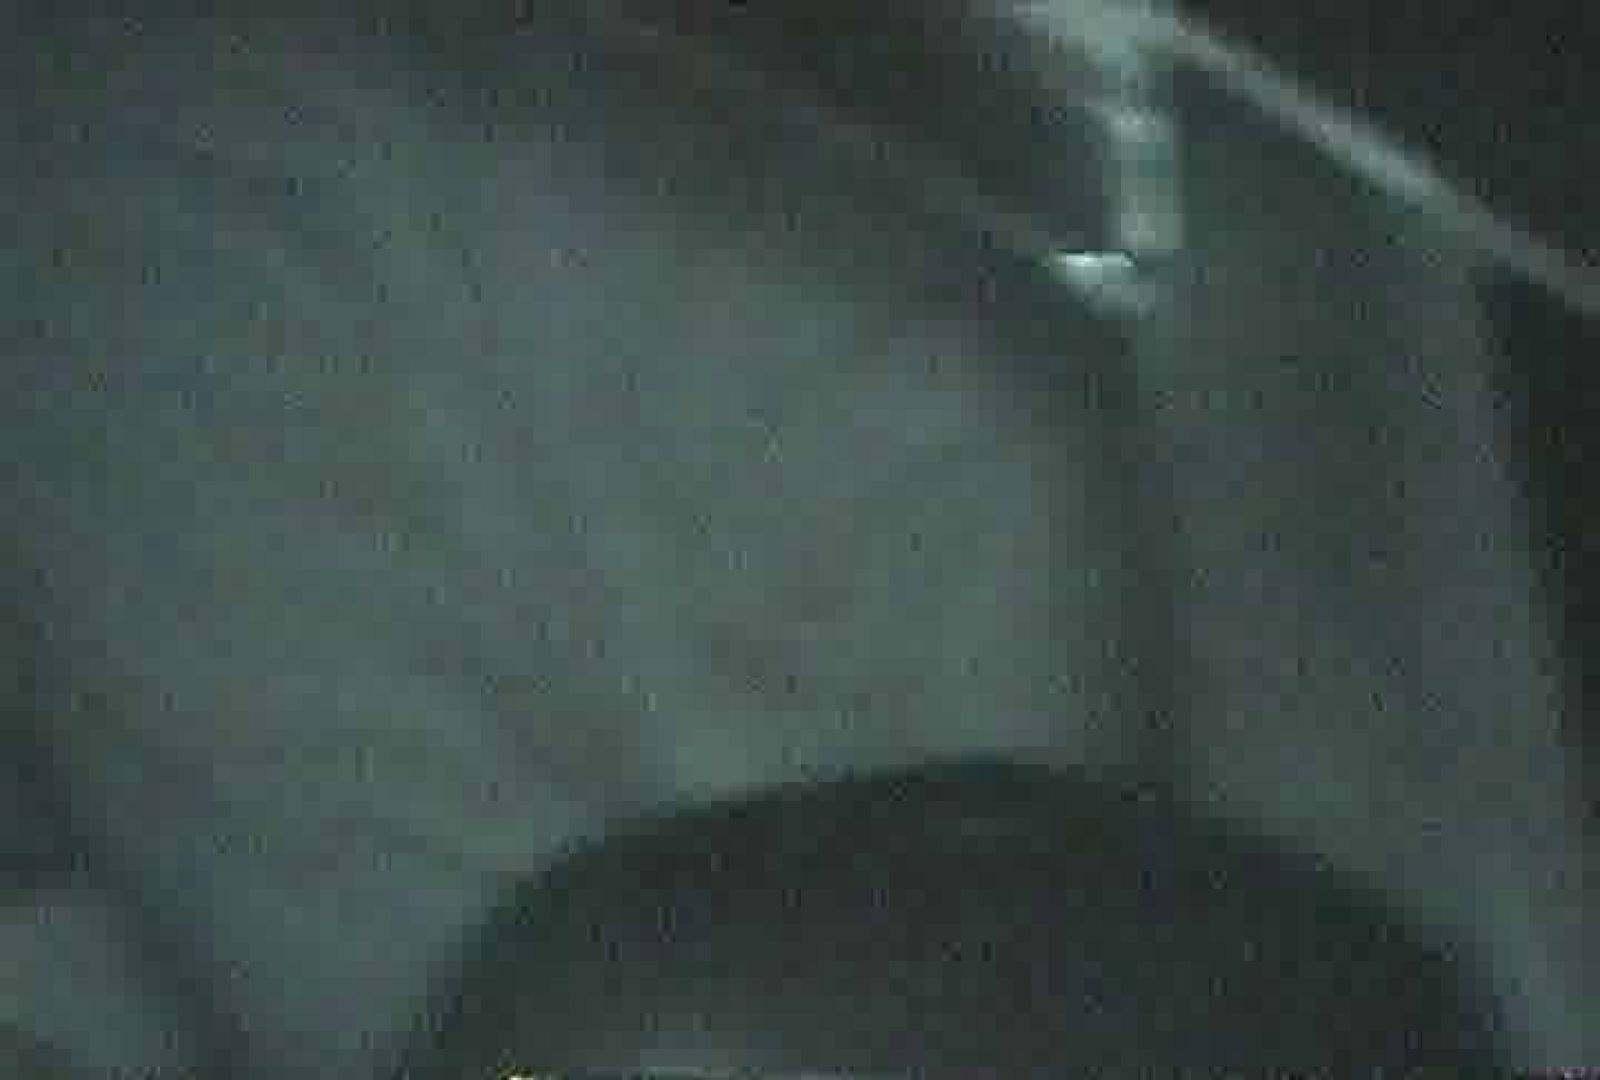 充血監督の深夜の運動会Vol.54 フェラ最高 エロ画像 98画像 91